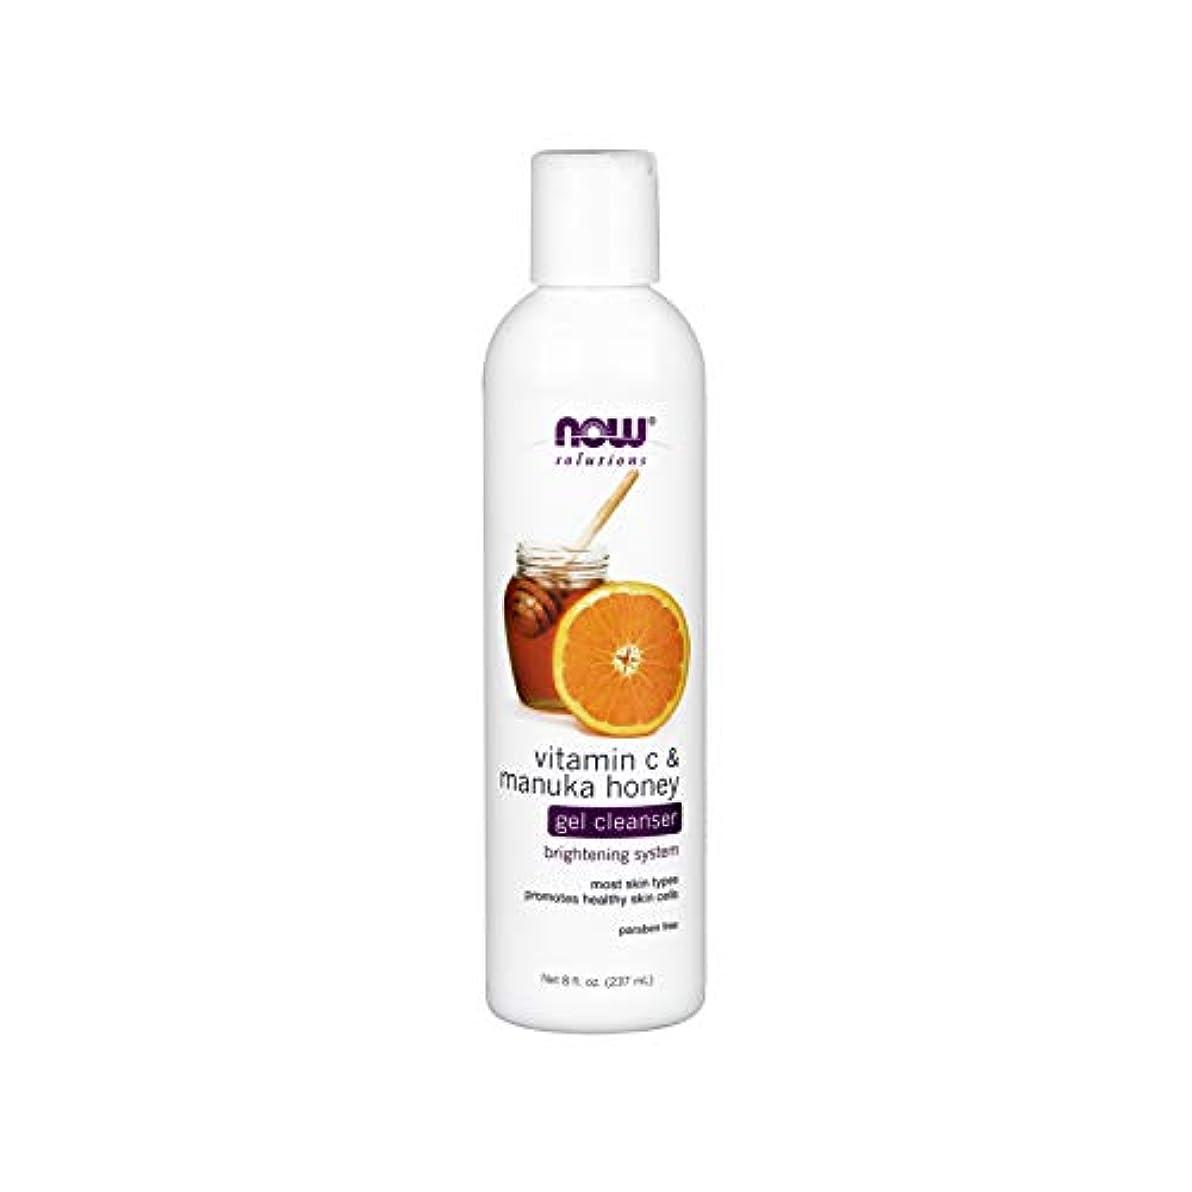 配偶者ユーモア反対するNOW Vitamin C & Manuka Honey Gel Cleanser - 8 fl. oz. ビタミンC&マヌカハニー配合のジェルタイプ洗顔 ~海外直送品~